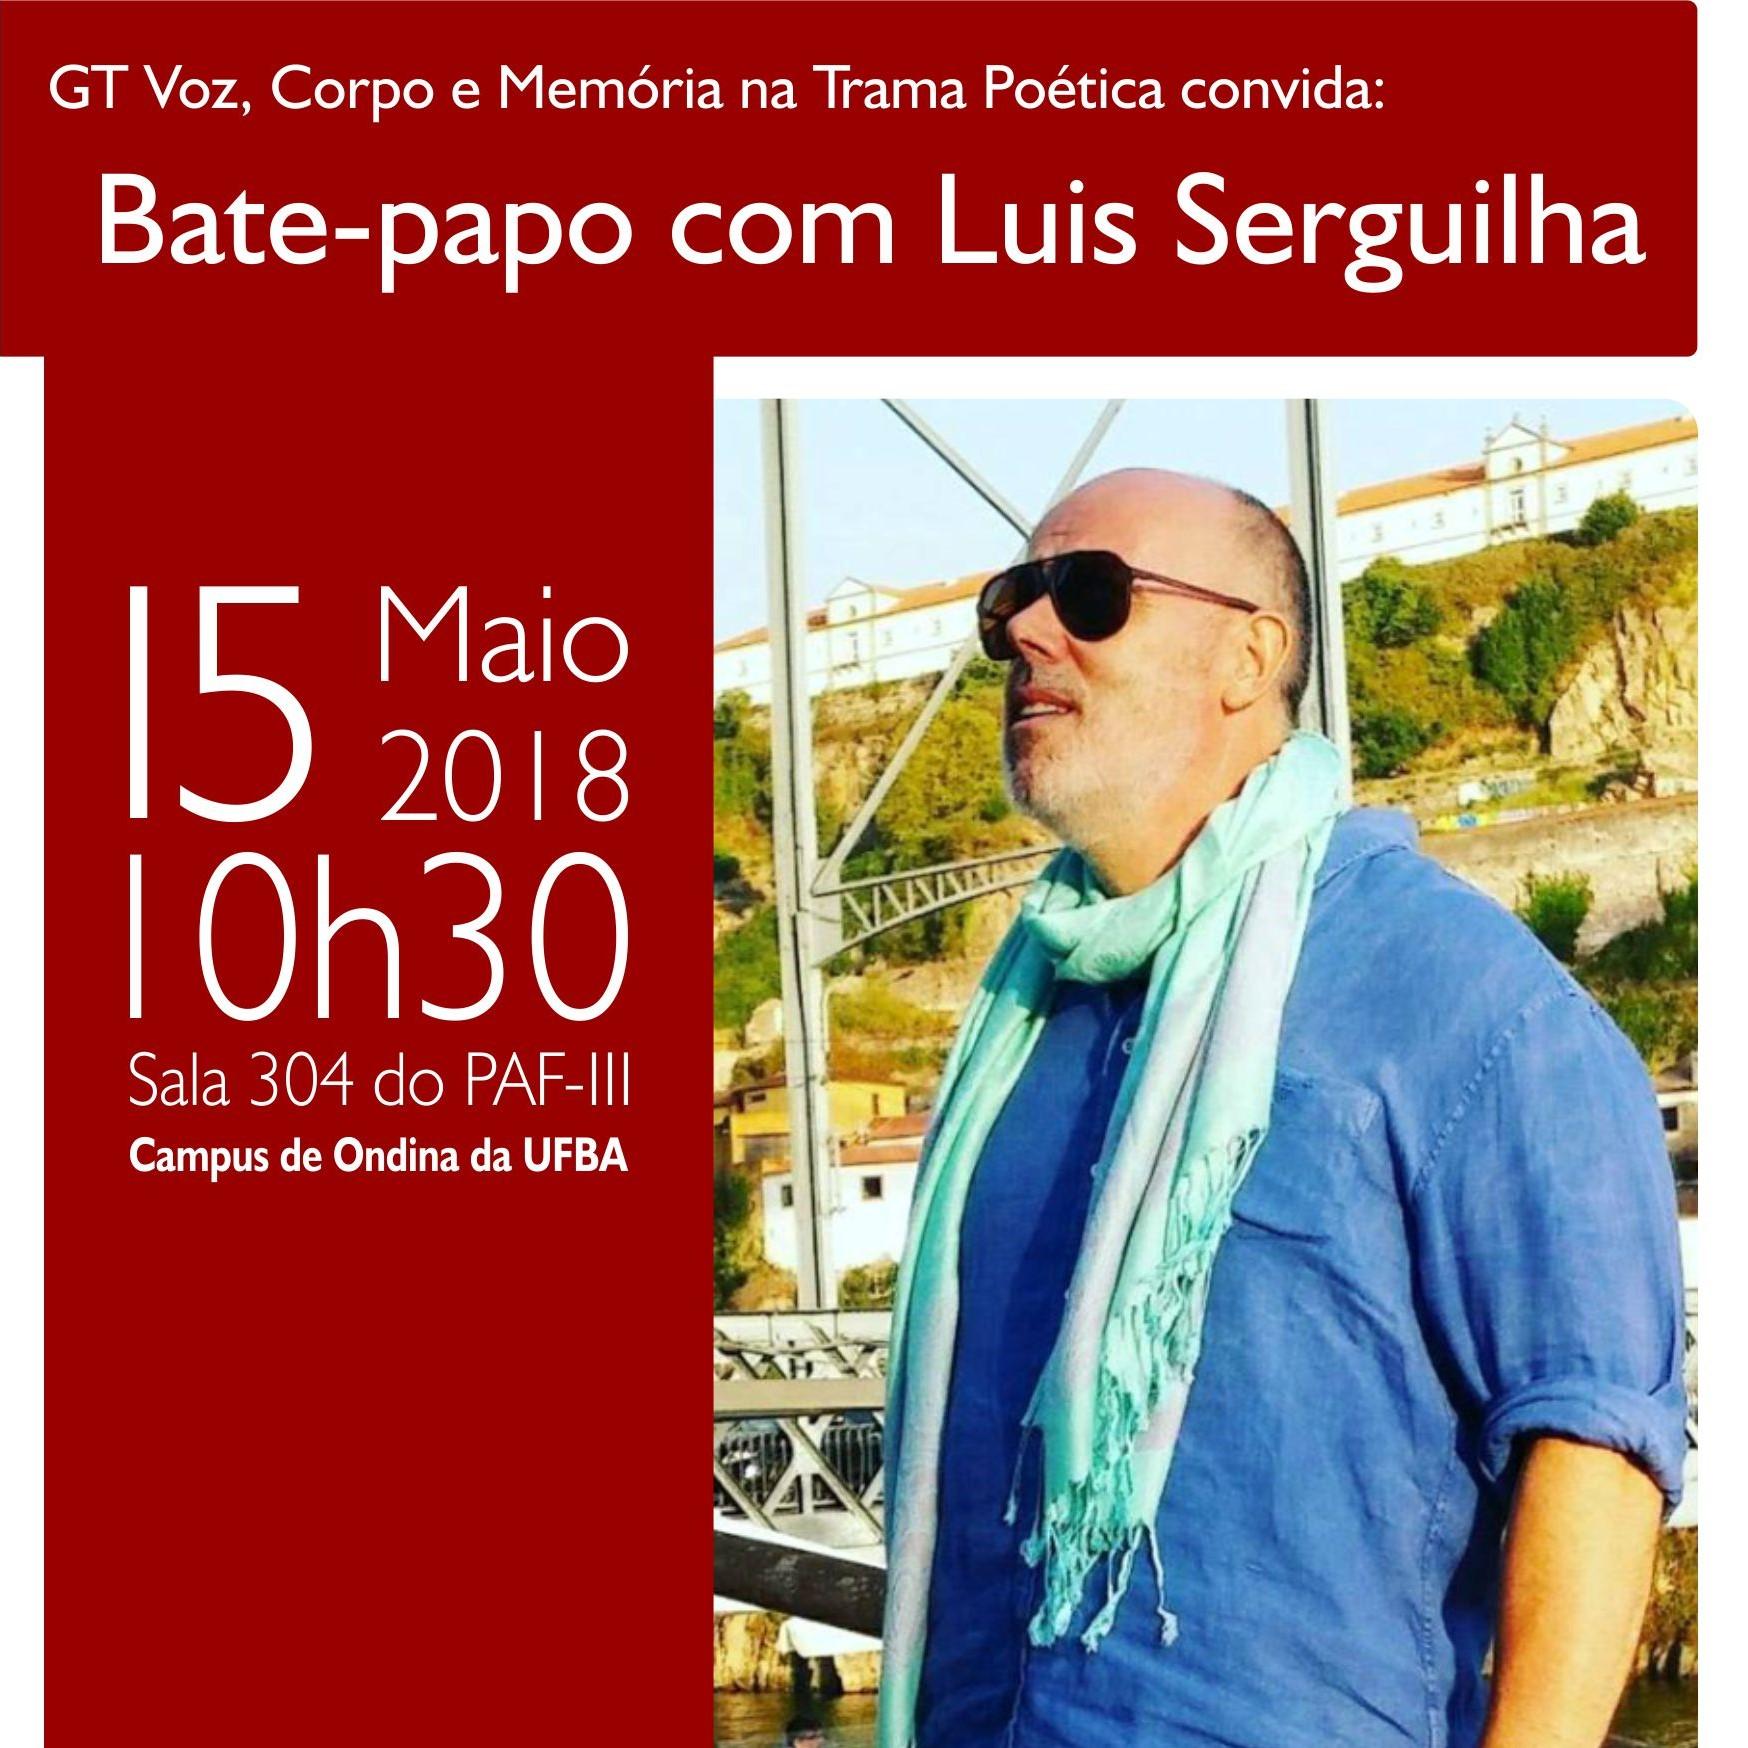 Poeta, ensaísta e curador de arte, Luis Serguilha participa de bate-papo na UFBA